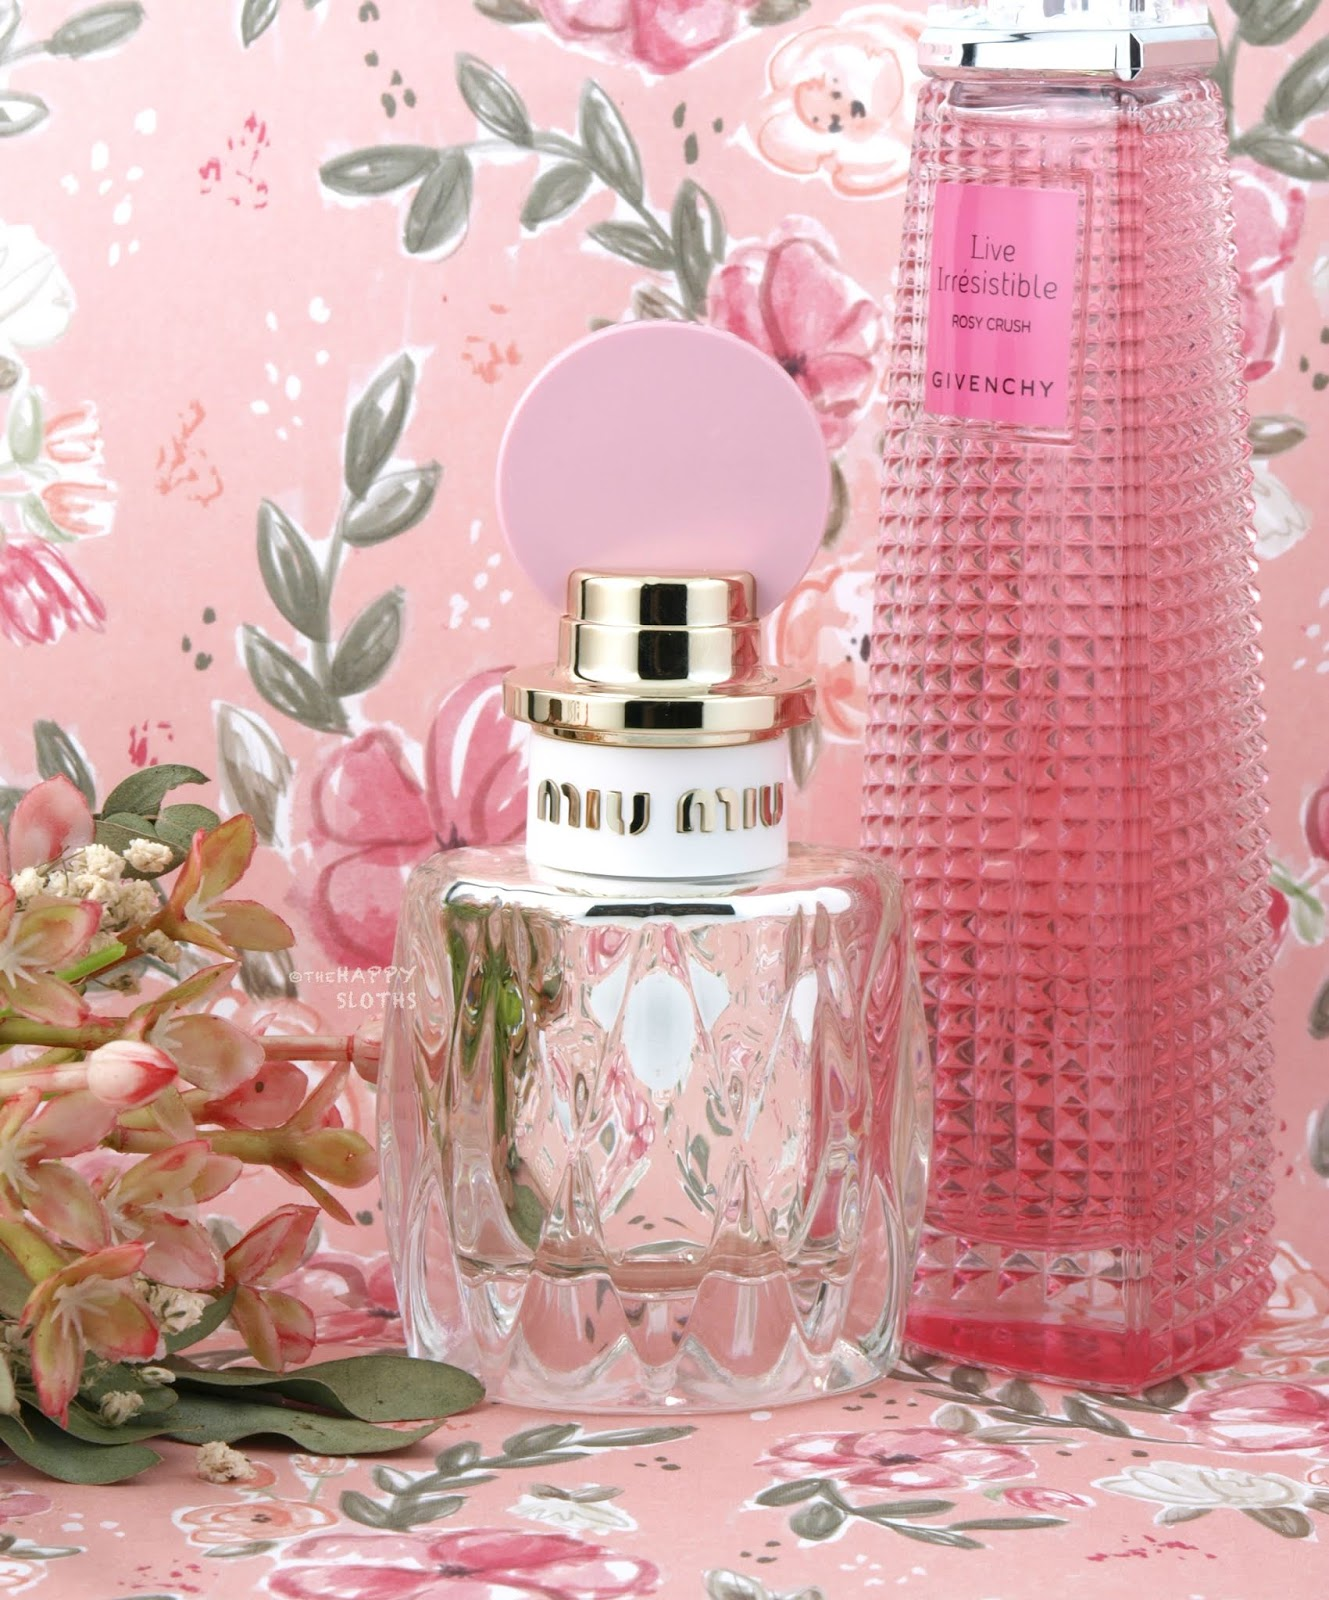 Miu Miu | Fleur d'Argent Eau de Parfum Absolue: Review